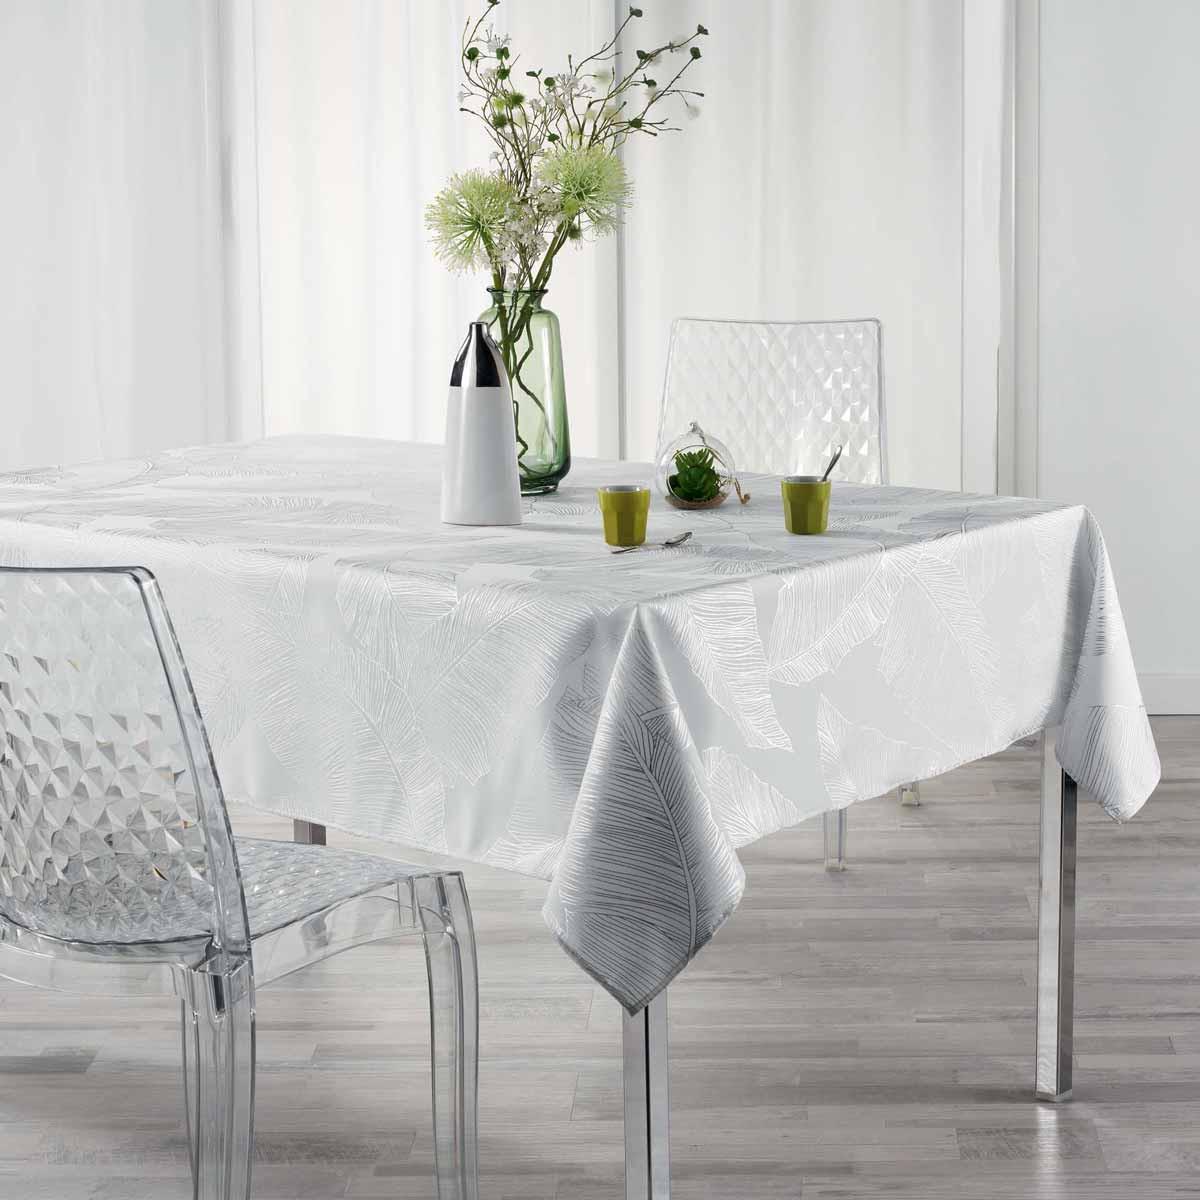 Αλέκιαστο Τραπεζομάντηλο (150×240) Veggy Blanc 1722594